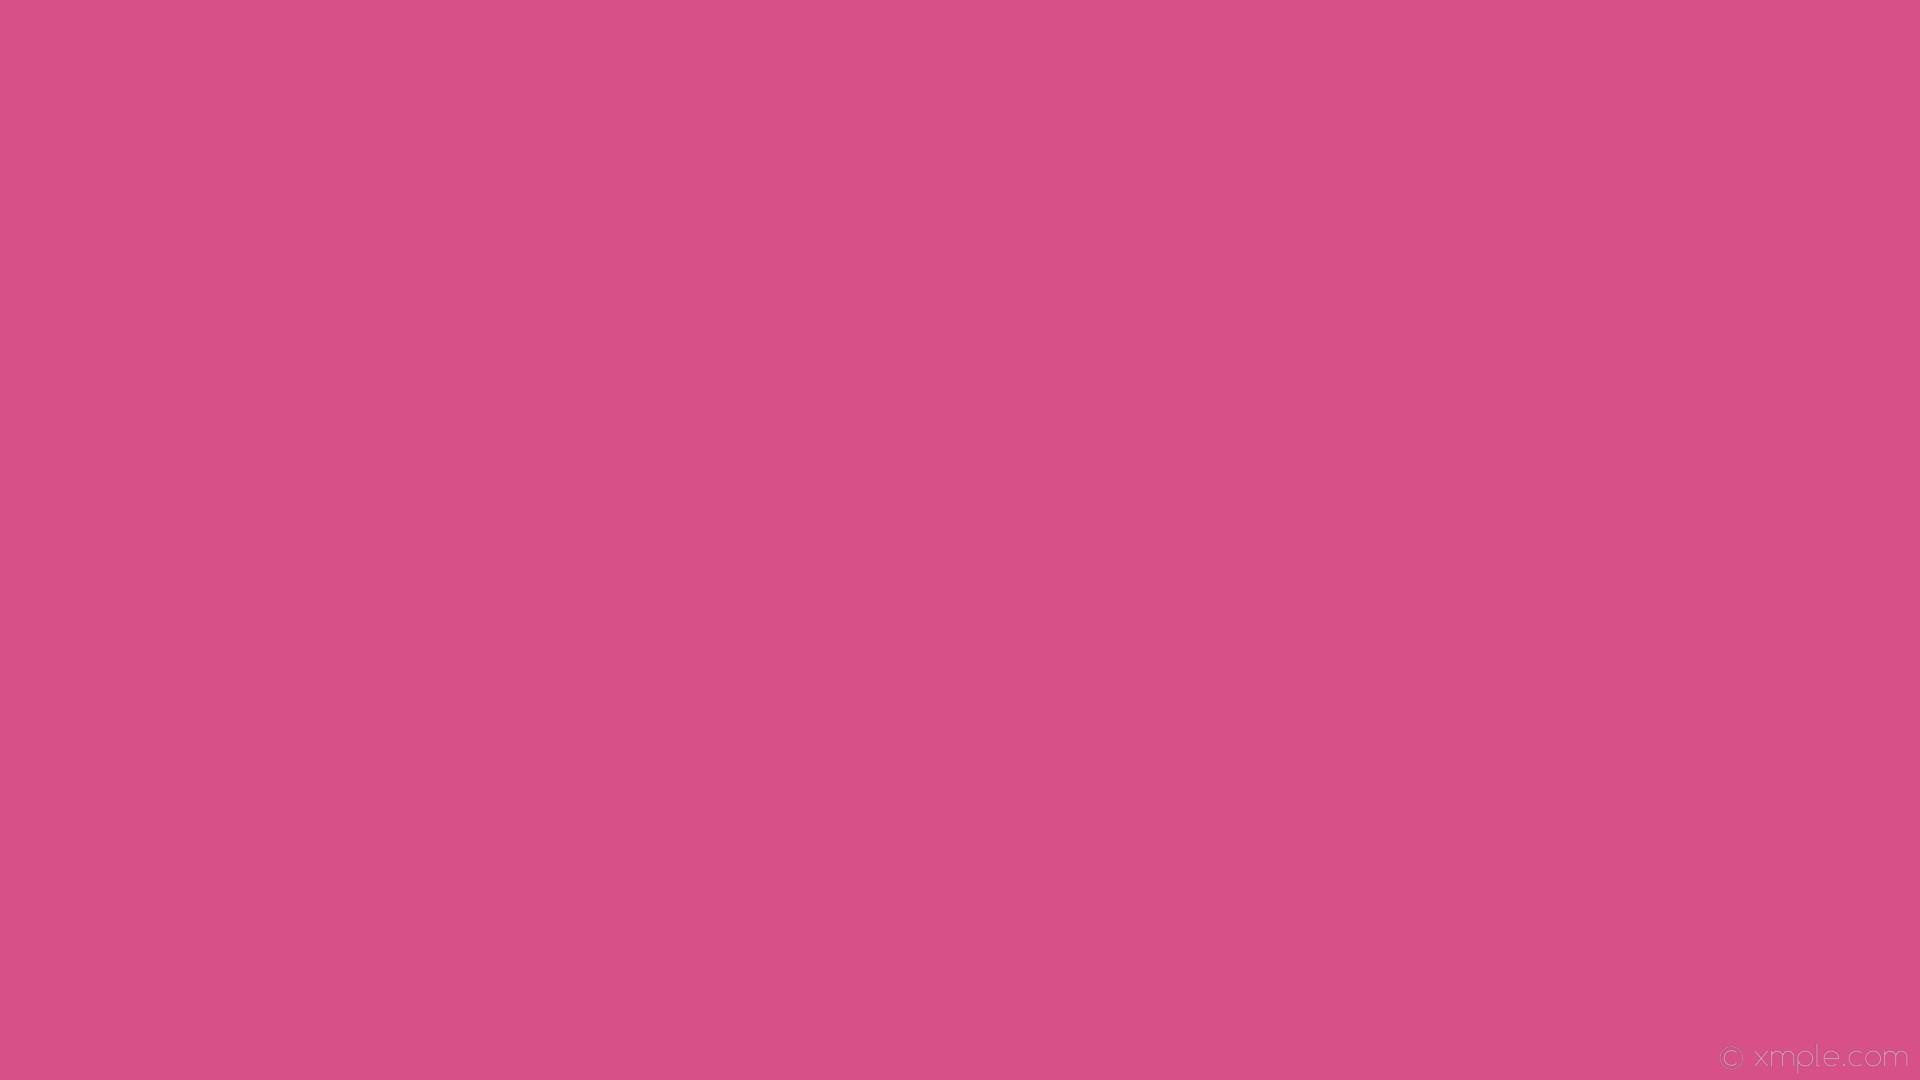 wallpaper plain one colour solid color pink single #d75087